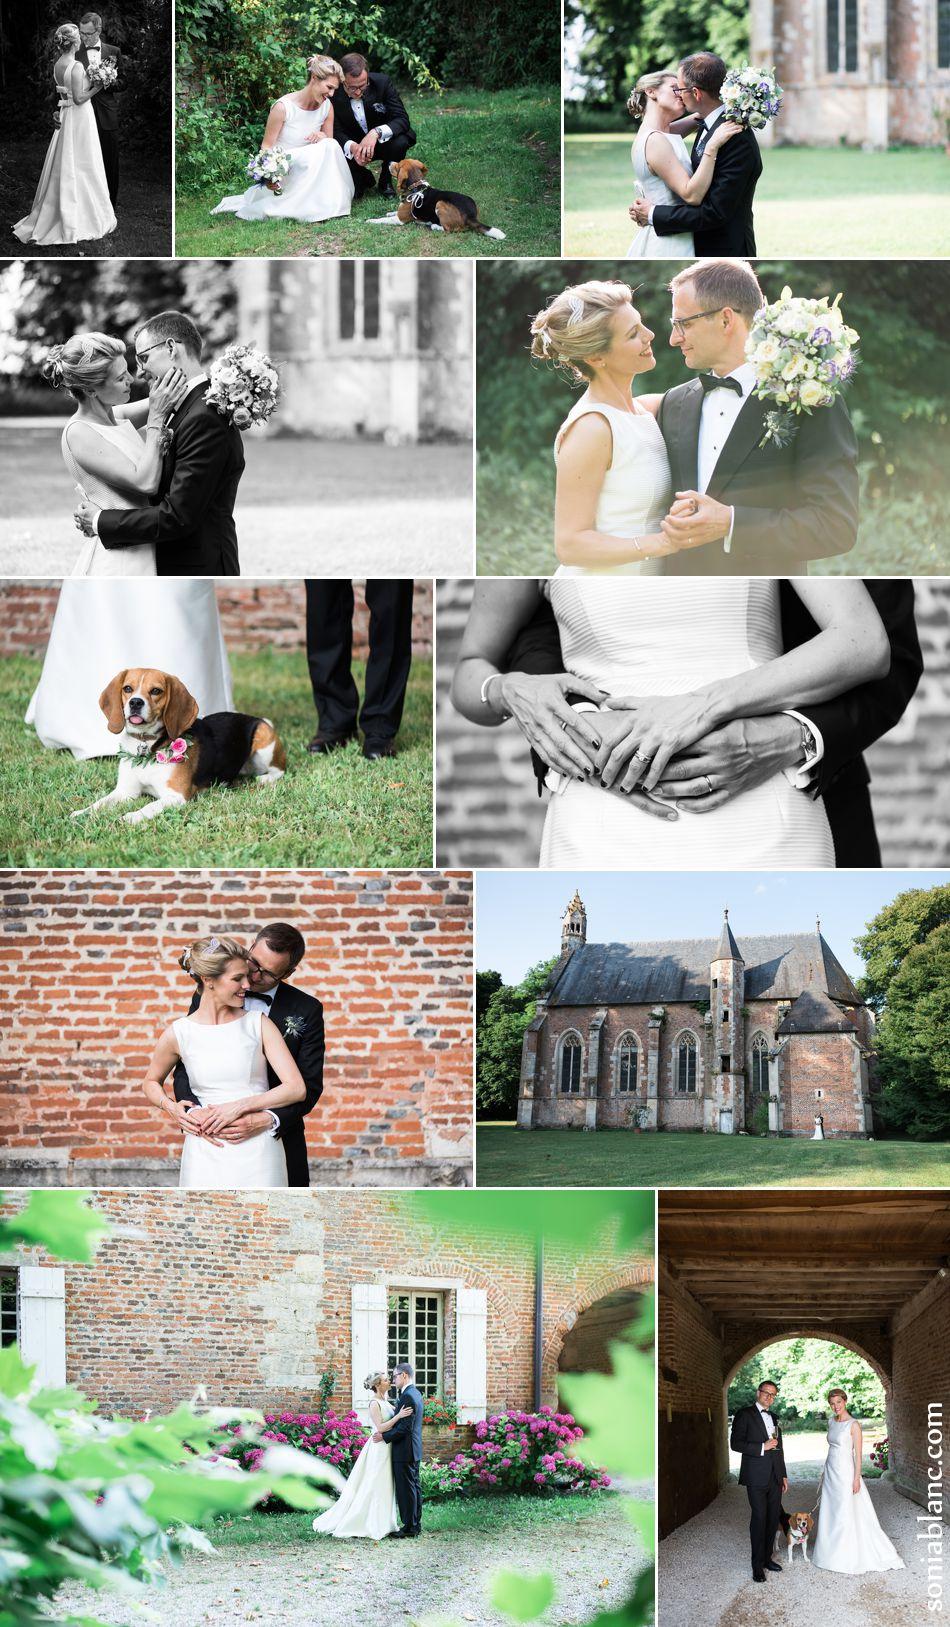 mariage-bourgogne-cote-dor-mca-7